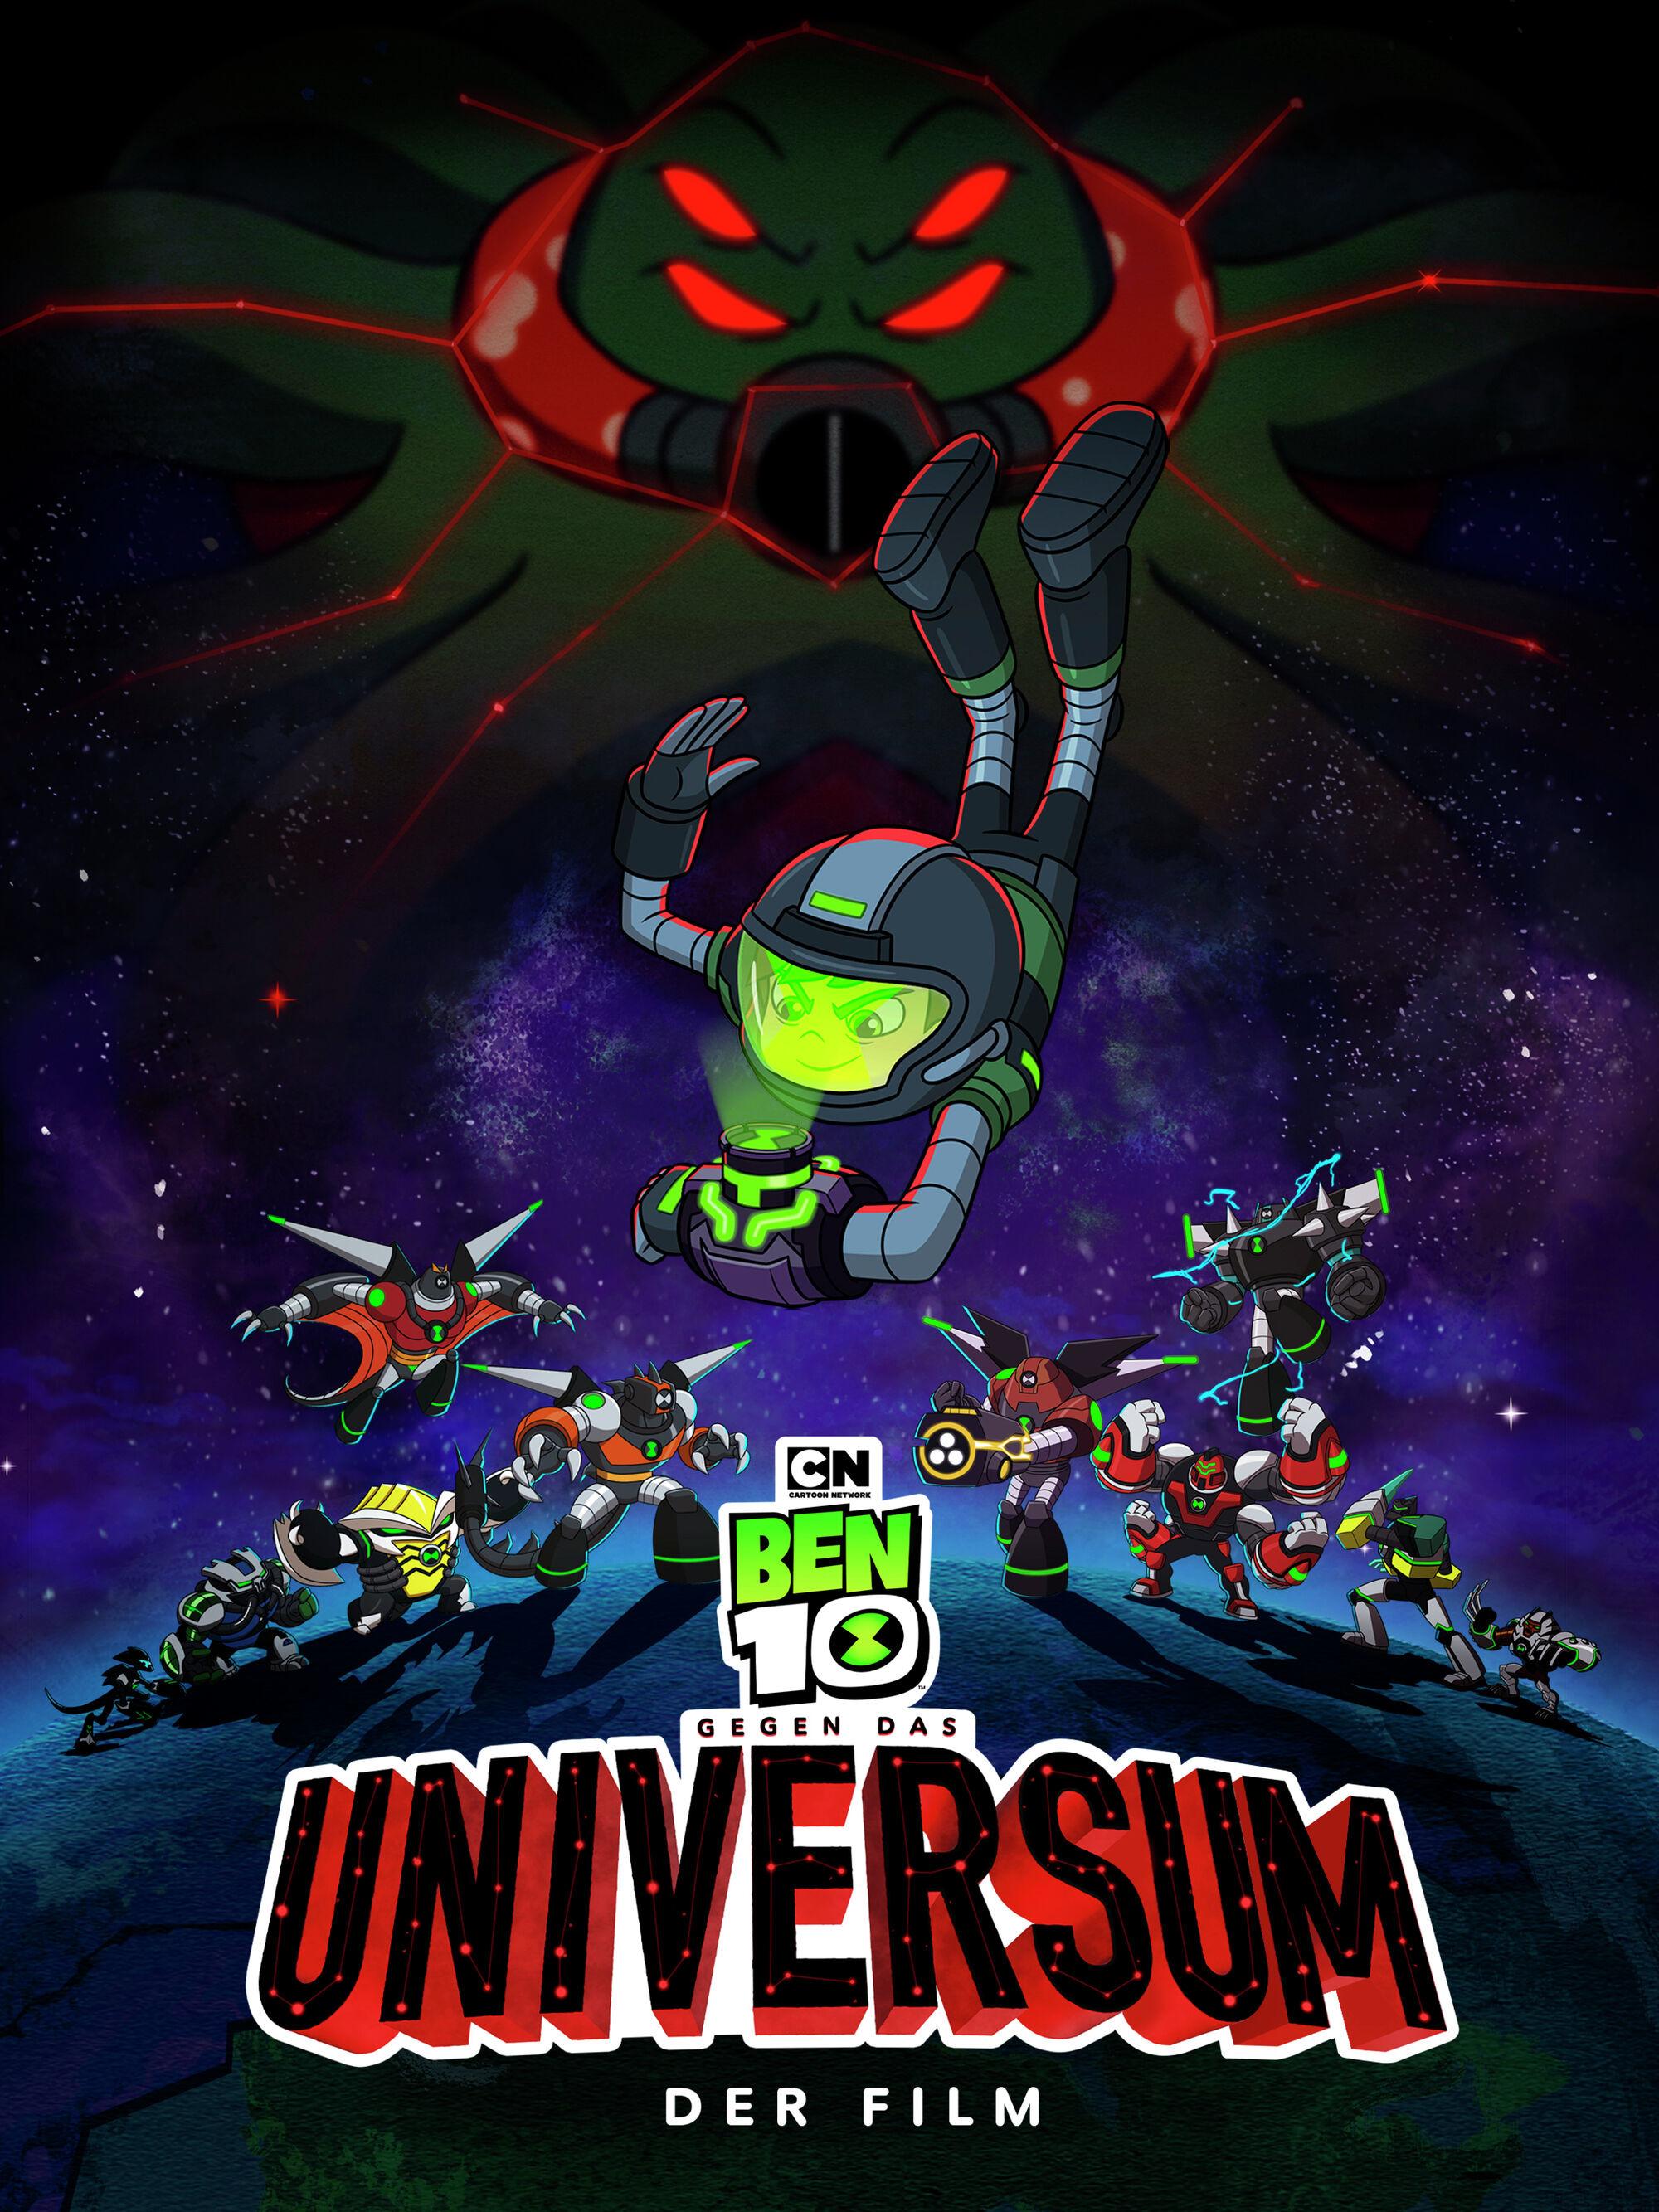 Ben 10 gegen das Universum: Der Film